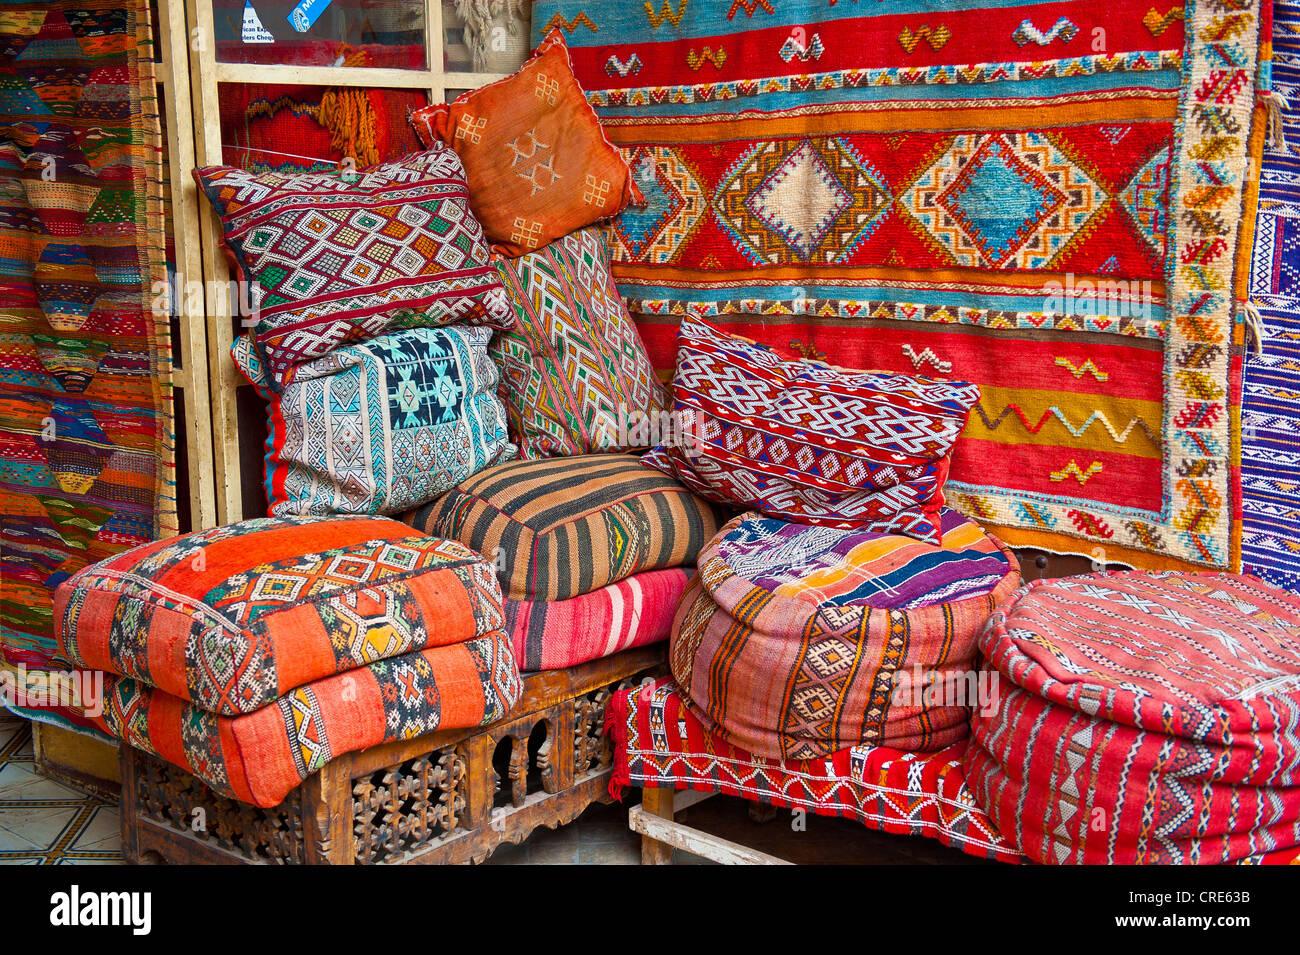 Orientalische Kissen traditionelle orientalische kissen aus alten teppichen und bunt